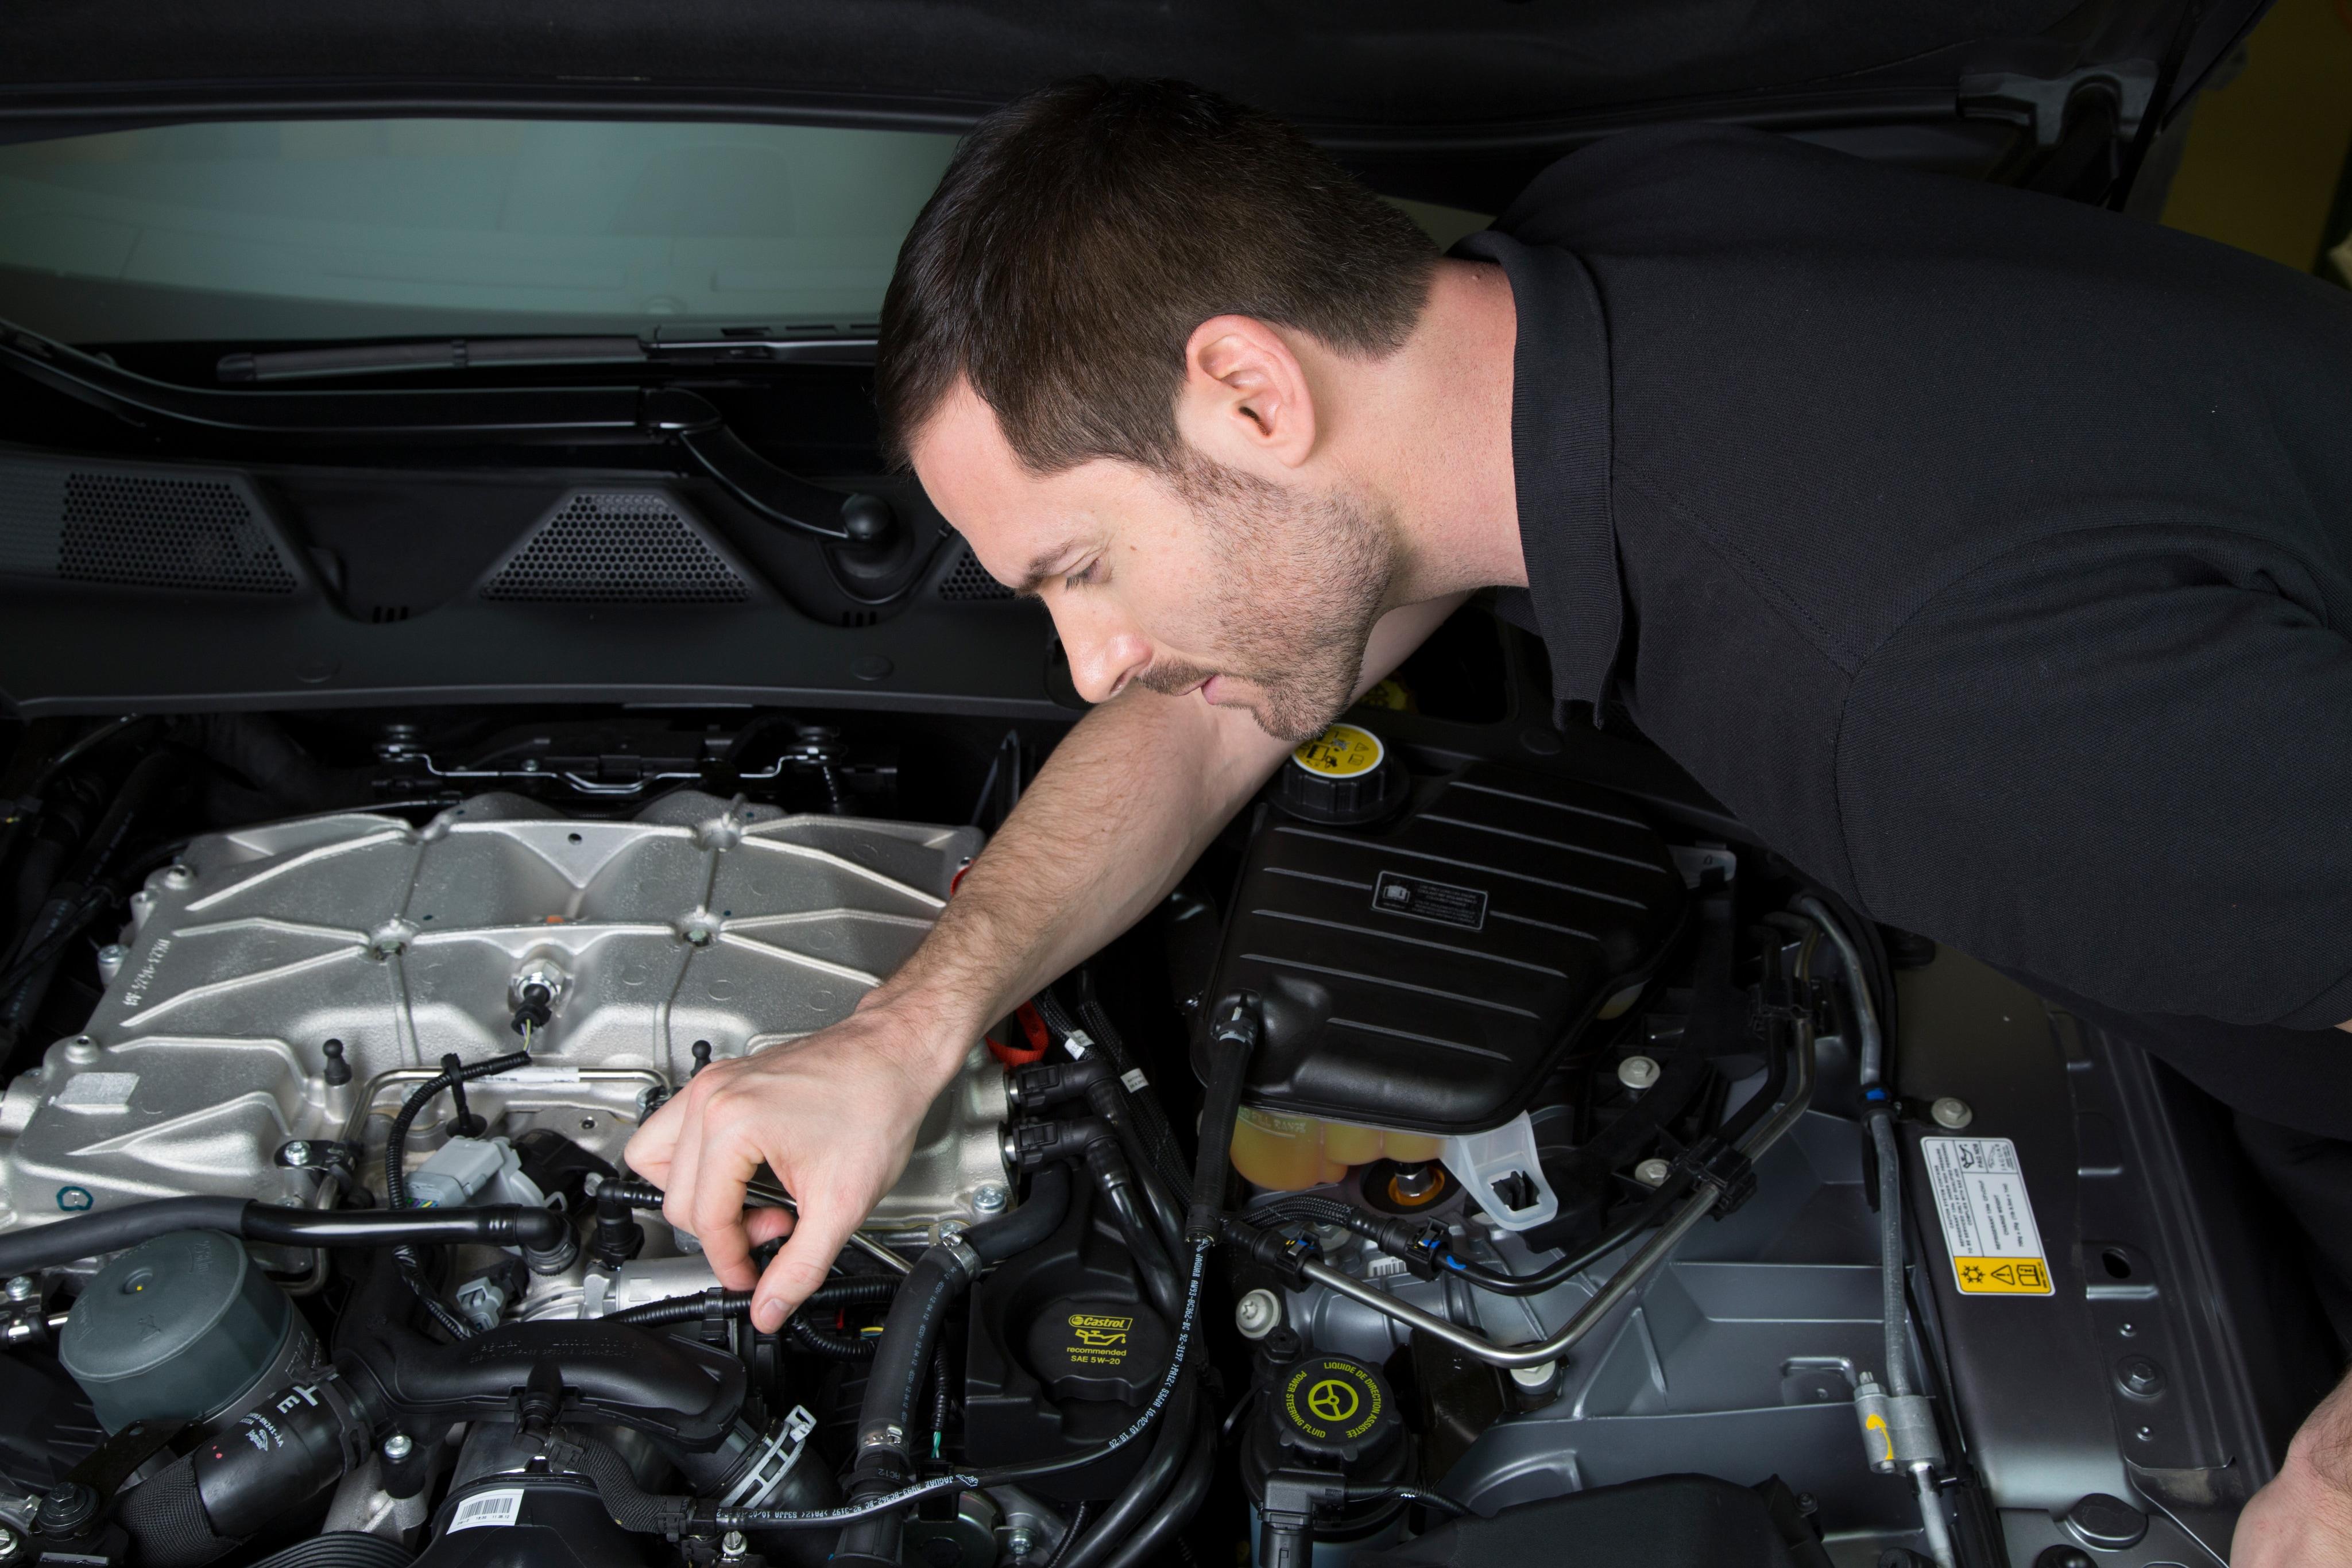 service jaguar index certified technicians htm auto sugar houston repairs have we maintenance center